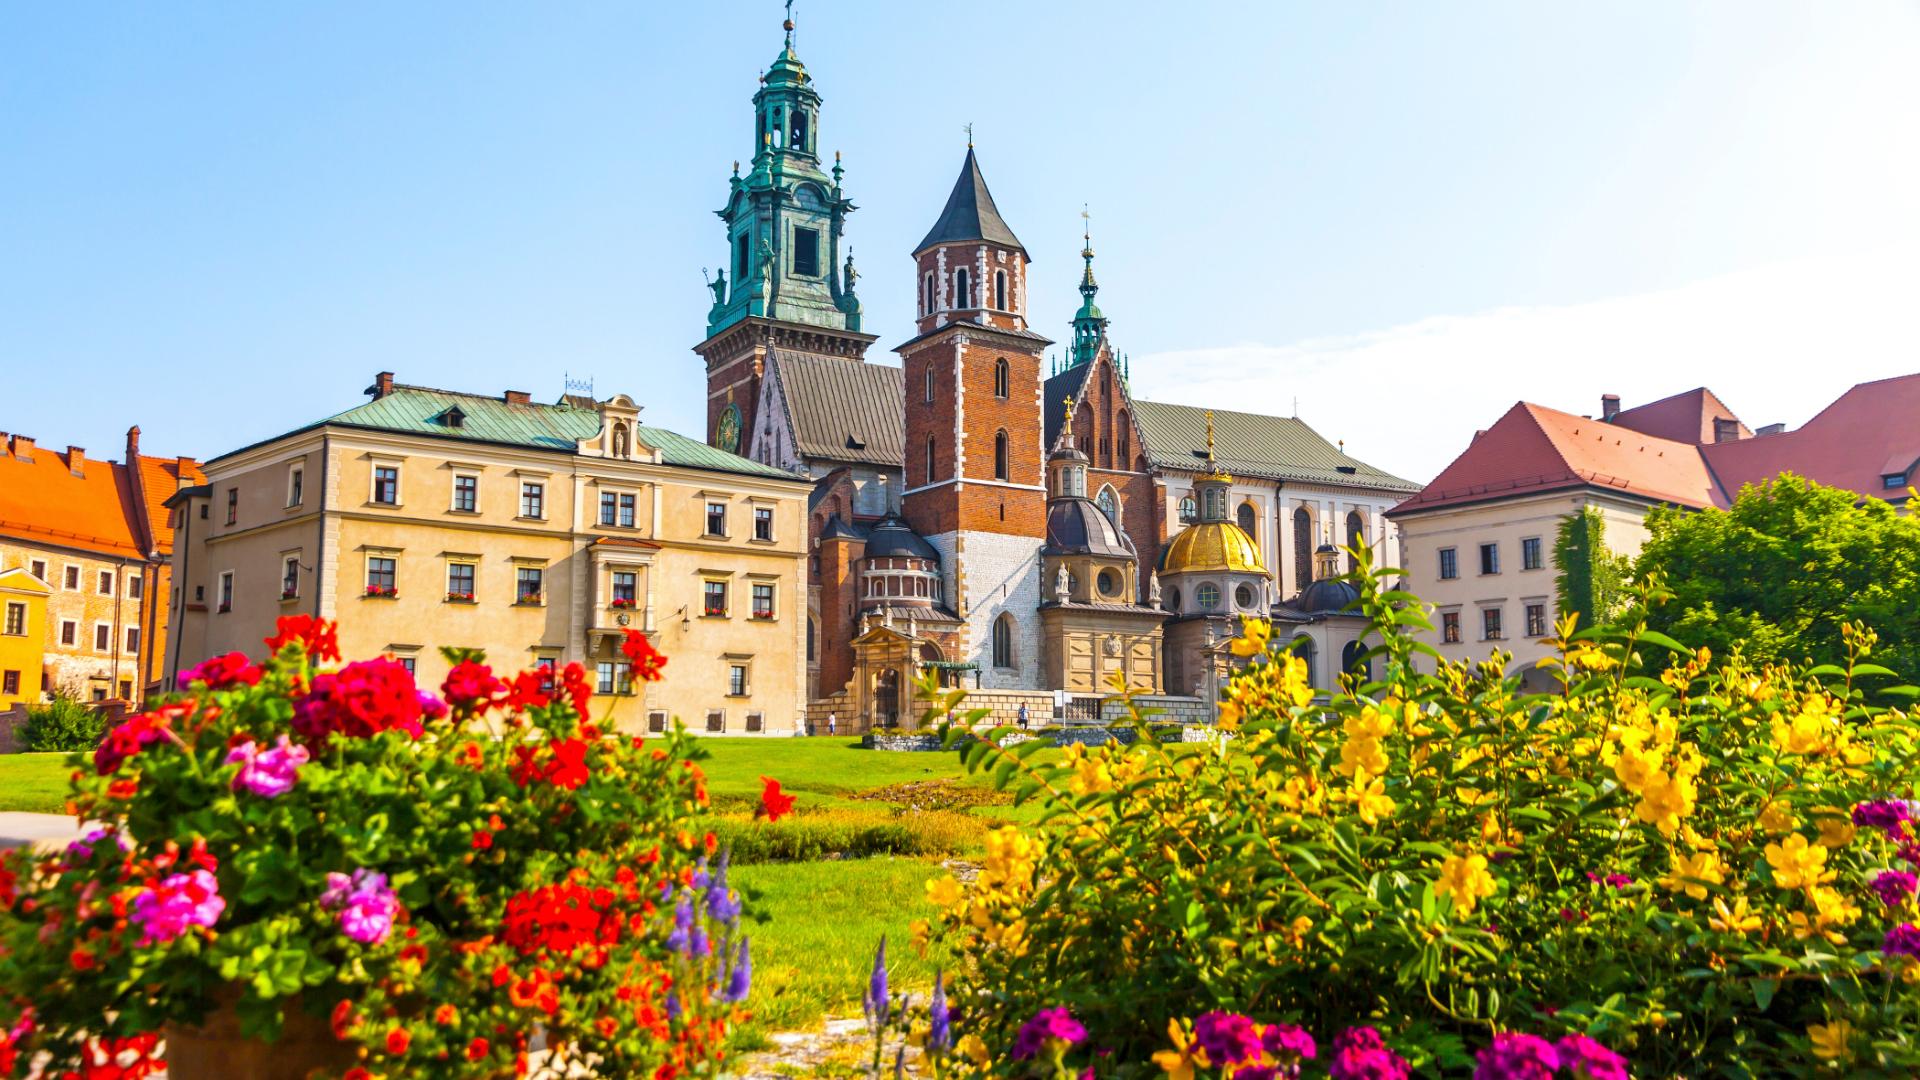 Kralın Şehri Krakow'da Gezilesi Yerler